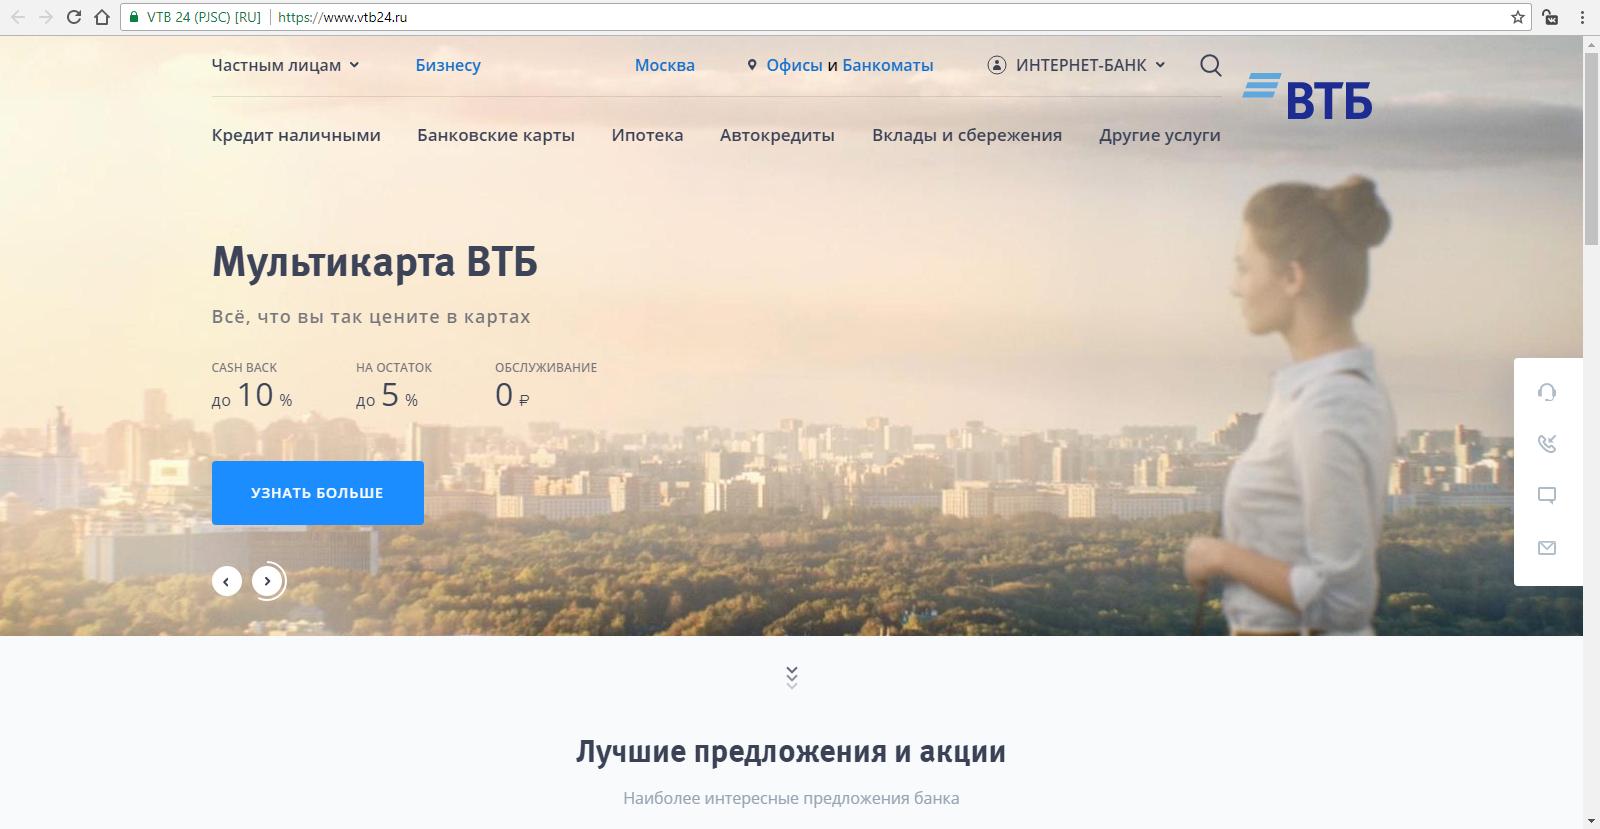 банк втб 24 официальный сайт реквизиты банка